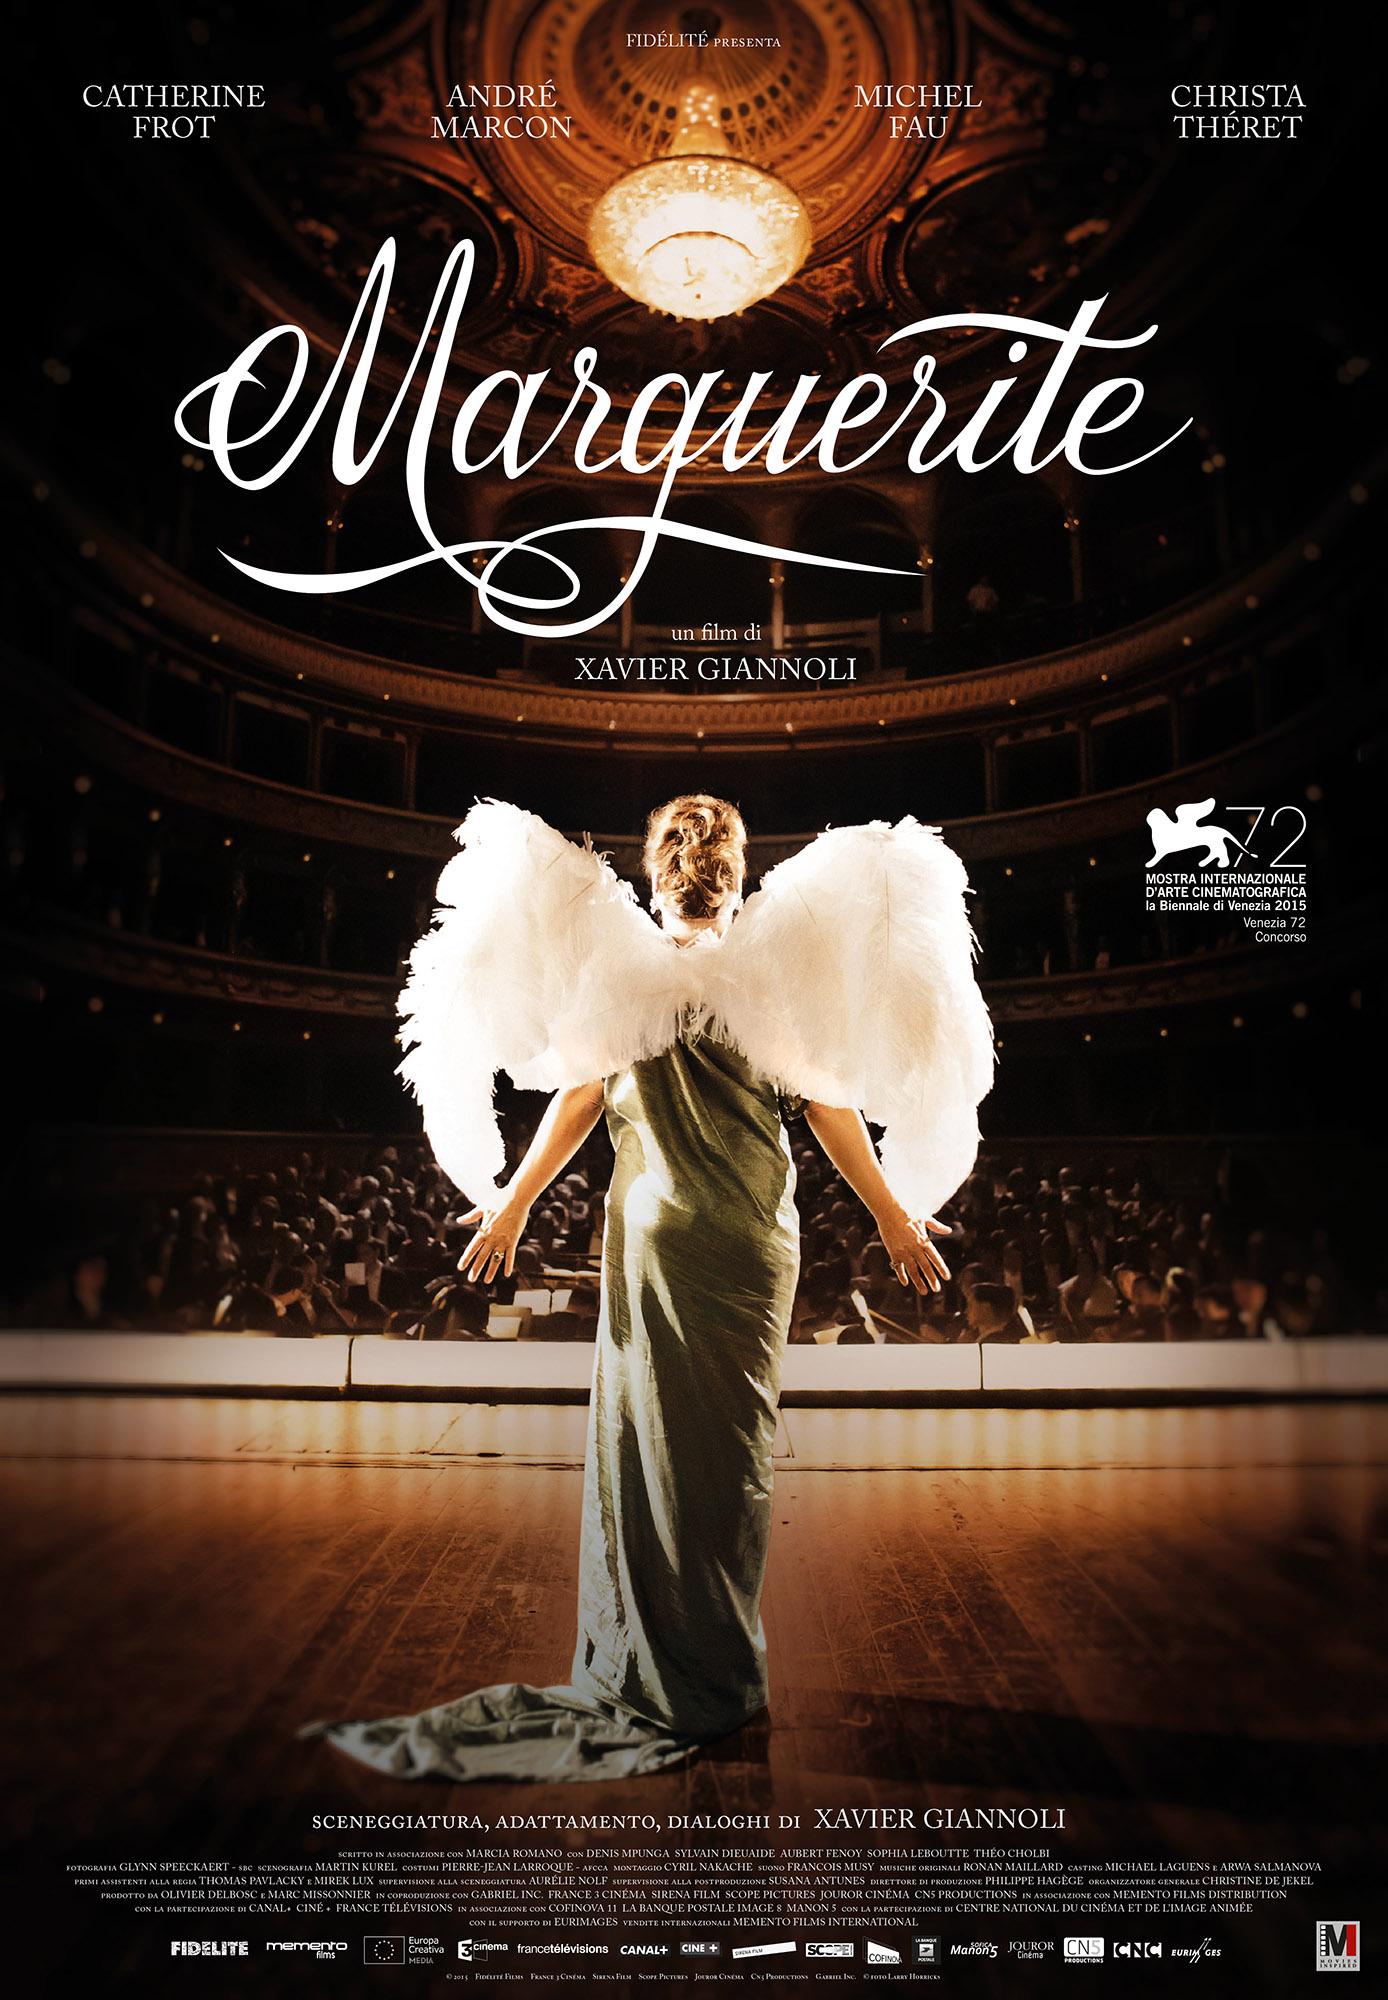 Marguerite-2015-Xavier-Giannoli-poster